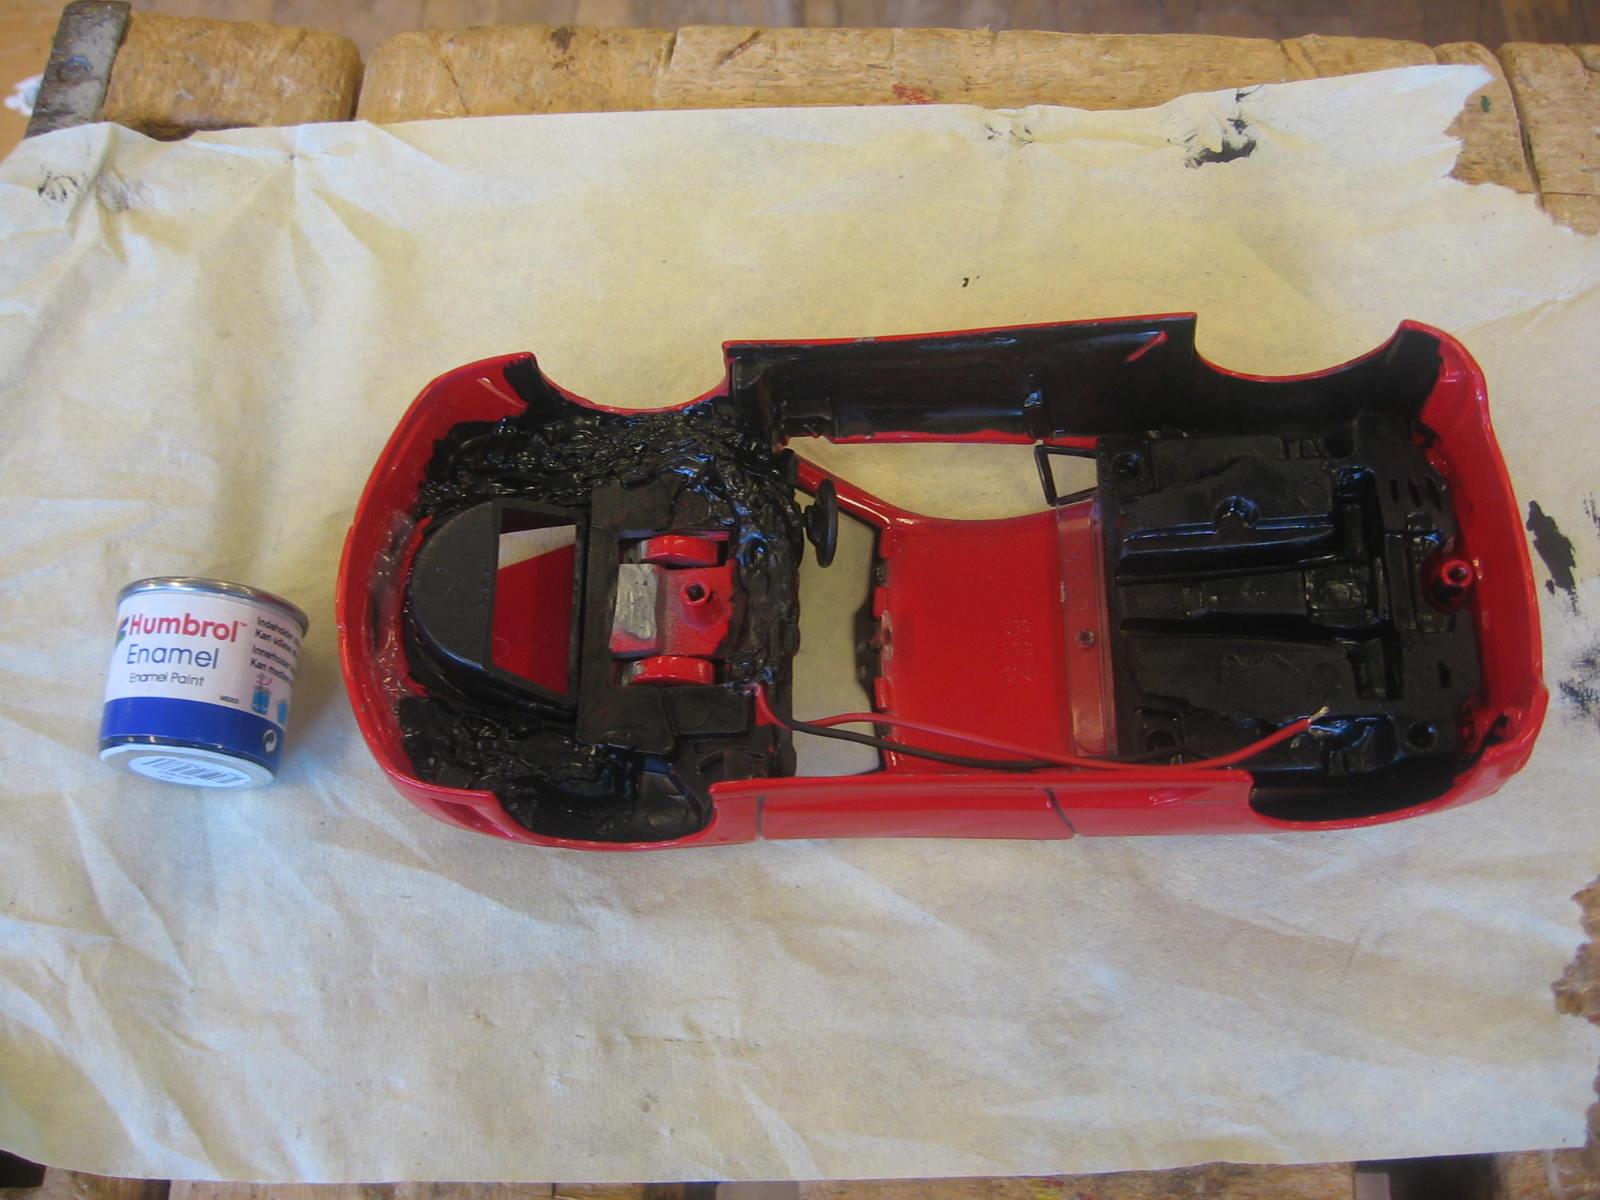 Det indre af karossen har lige fået en omgang sort maling. Det er for at kunne holde det indre sorte look i kabinen, samt skjule alle de ledninger og indgreb jeg har lavet.